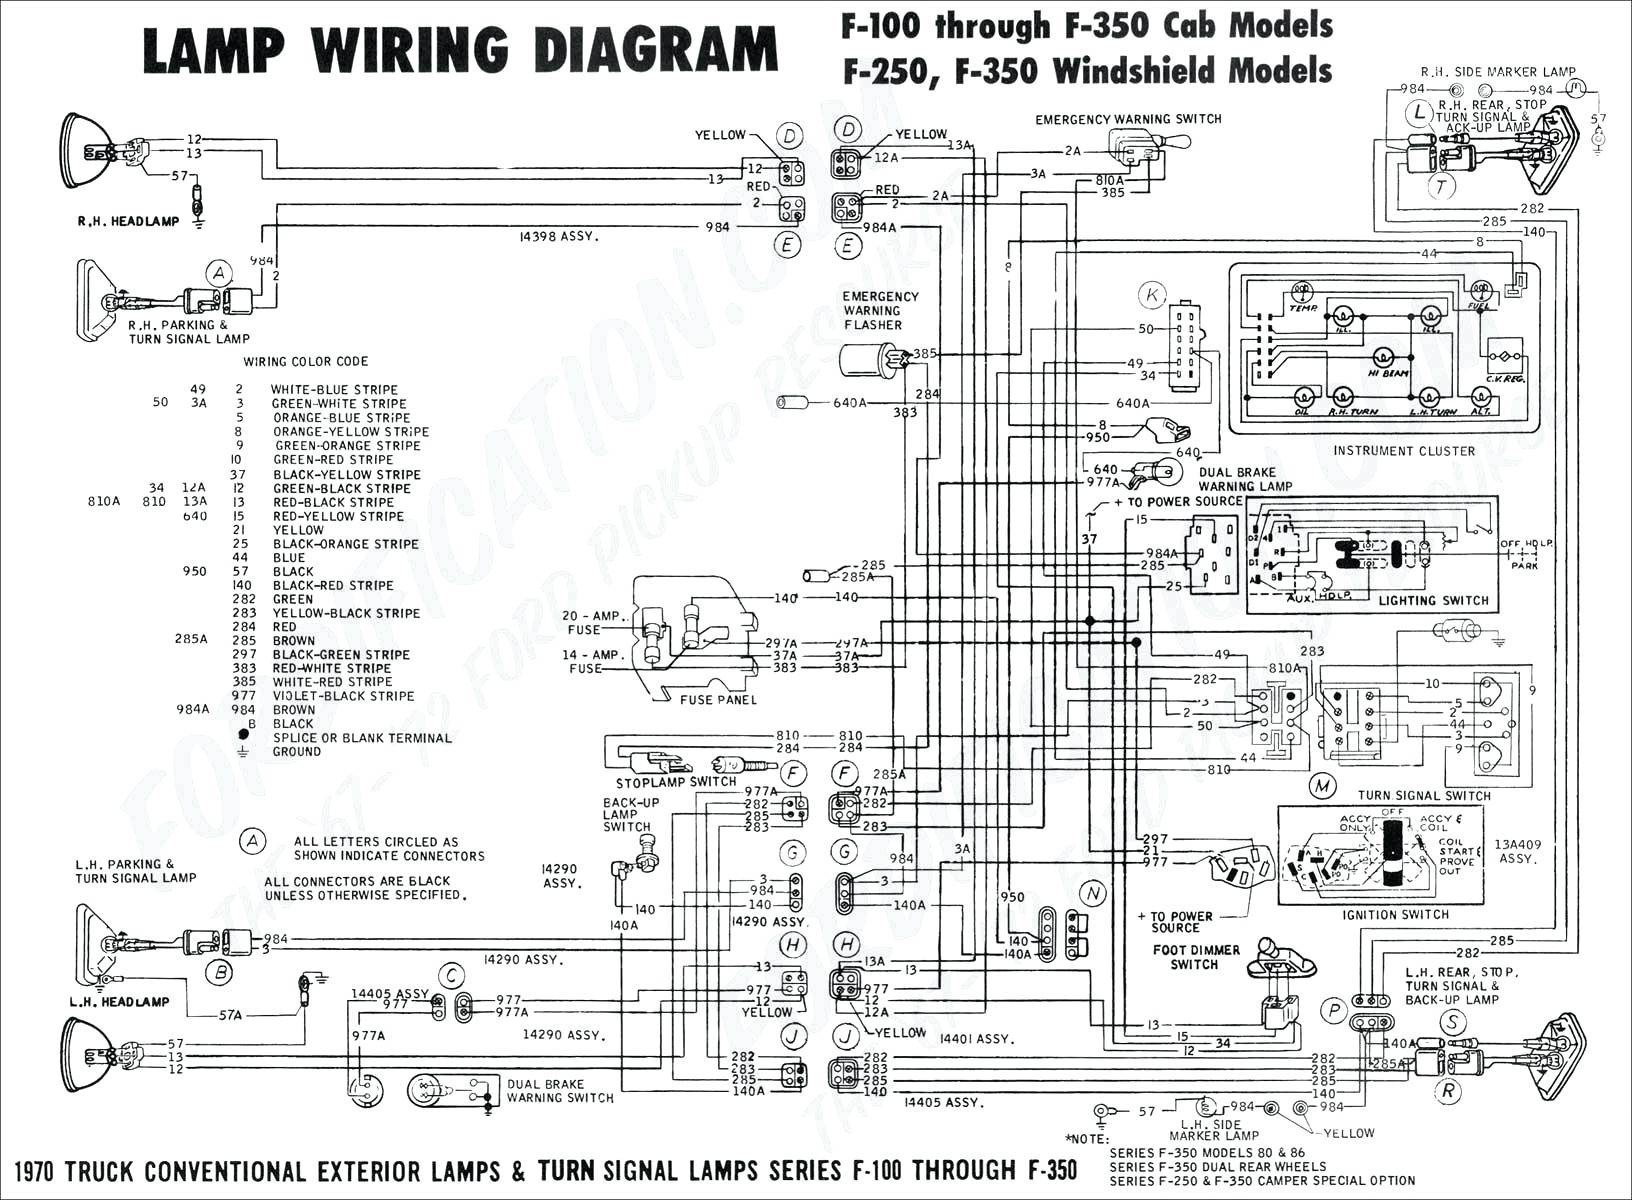 1998 ford Escort Zx2 Engine Diagram ford Ecm Wiring Diagrams Data Wiring Diagrams • Of 1998 ford Escort Zx2 Engine Diagram 1993 ford Escort Wiring Diagram Fresh 1993 ford F150 Alternator